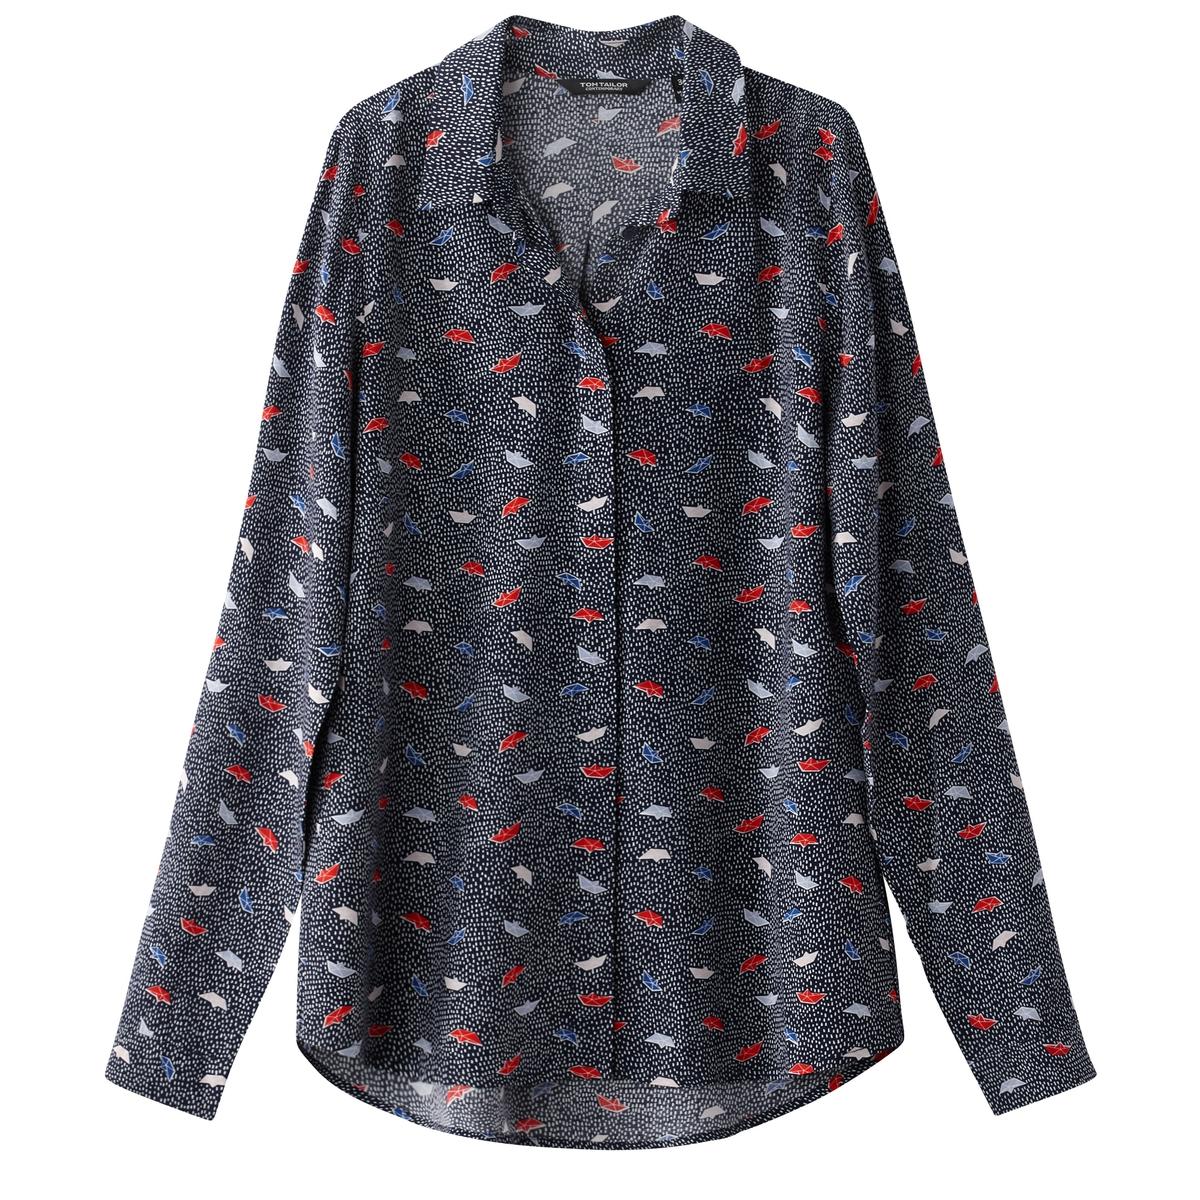 Рубашка с принтом оригами и вышивкой гладьюДетали  •  Длинные рукава •  Прямой покрой •  Воротник-поло, рубашечный •  Рисунок-принт Состав и уход  •  100% вискоза •  Следуйте рекомендациям по уходу, указанным на этикетке изделия<br><br>Цвет: темно-синий<br>Размер: 38 (FR) - 44 (RUS)